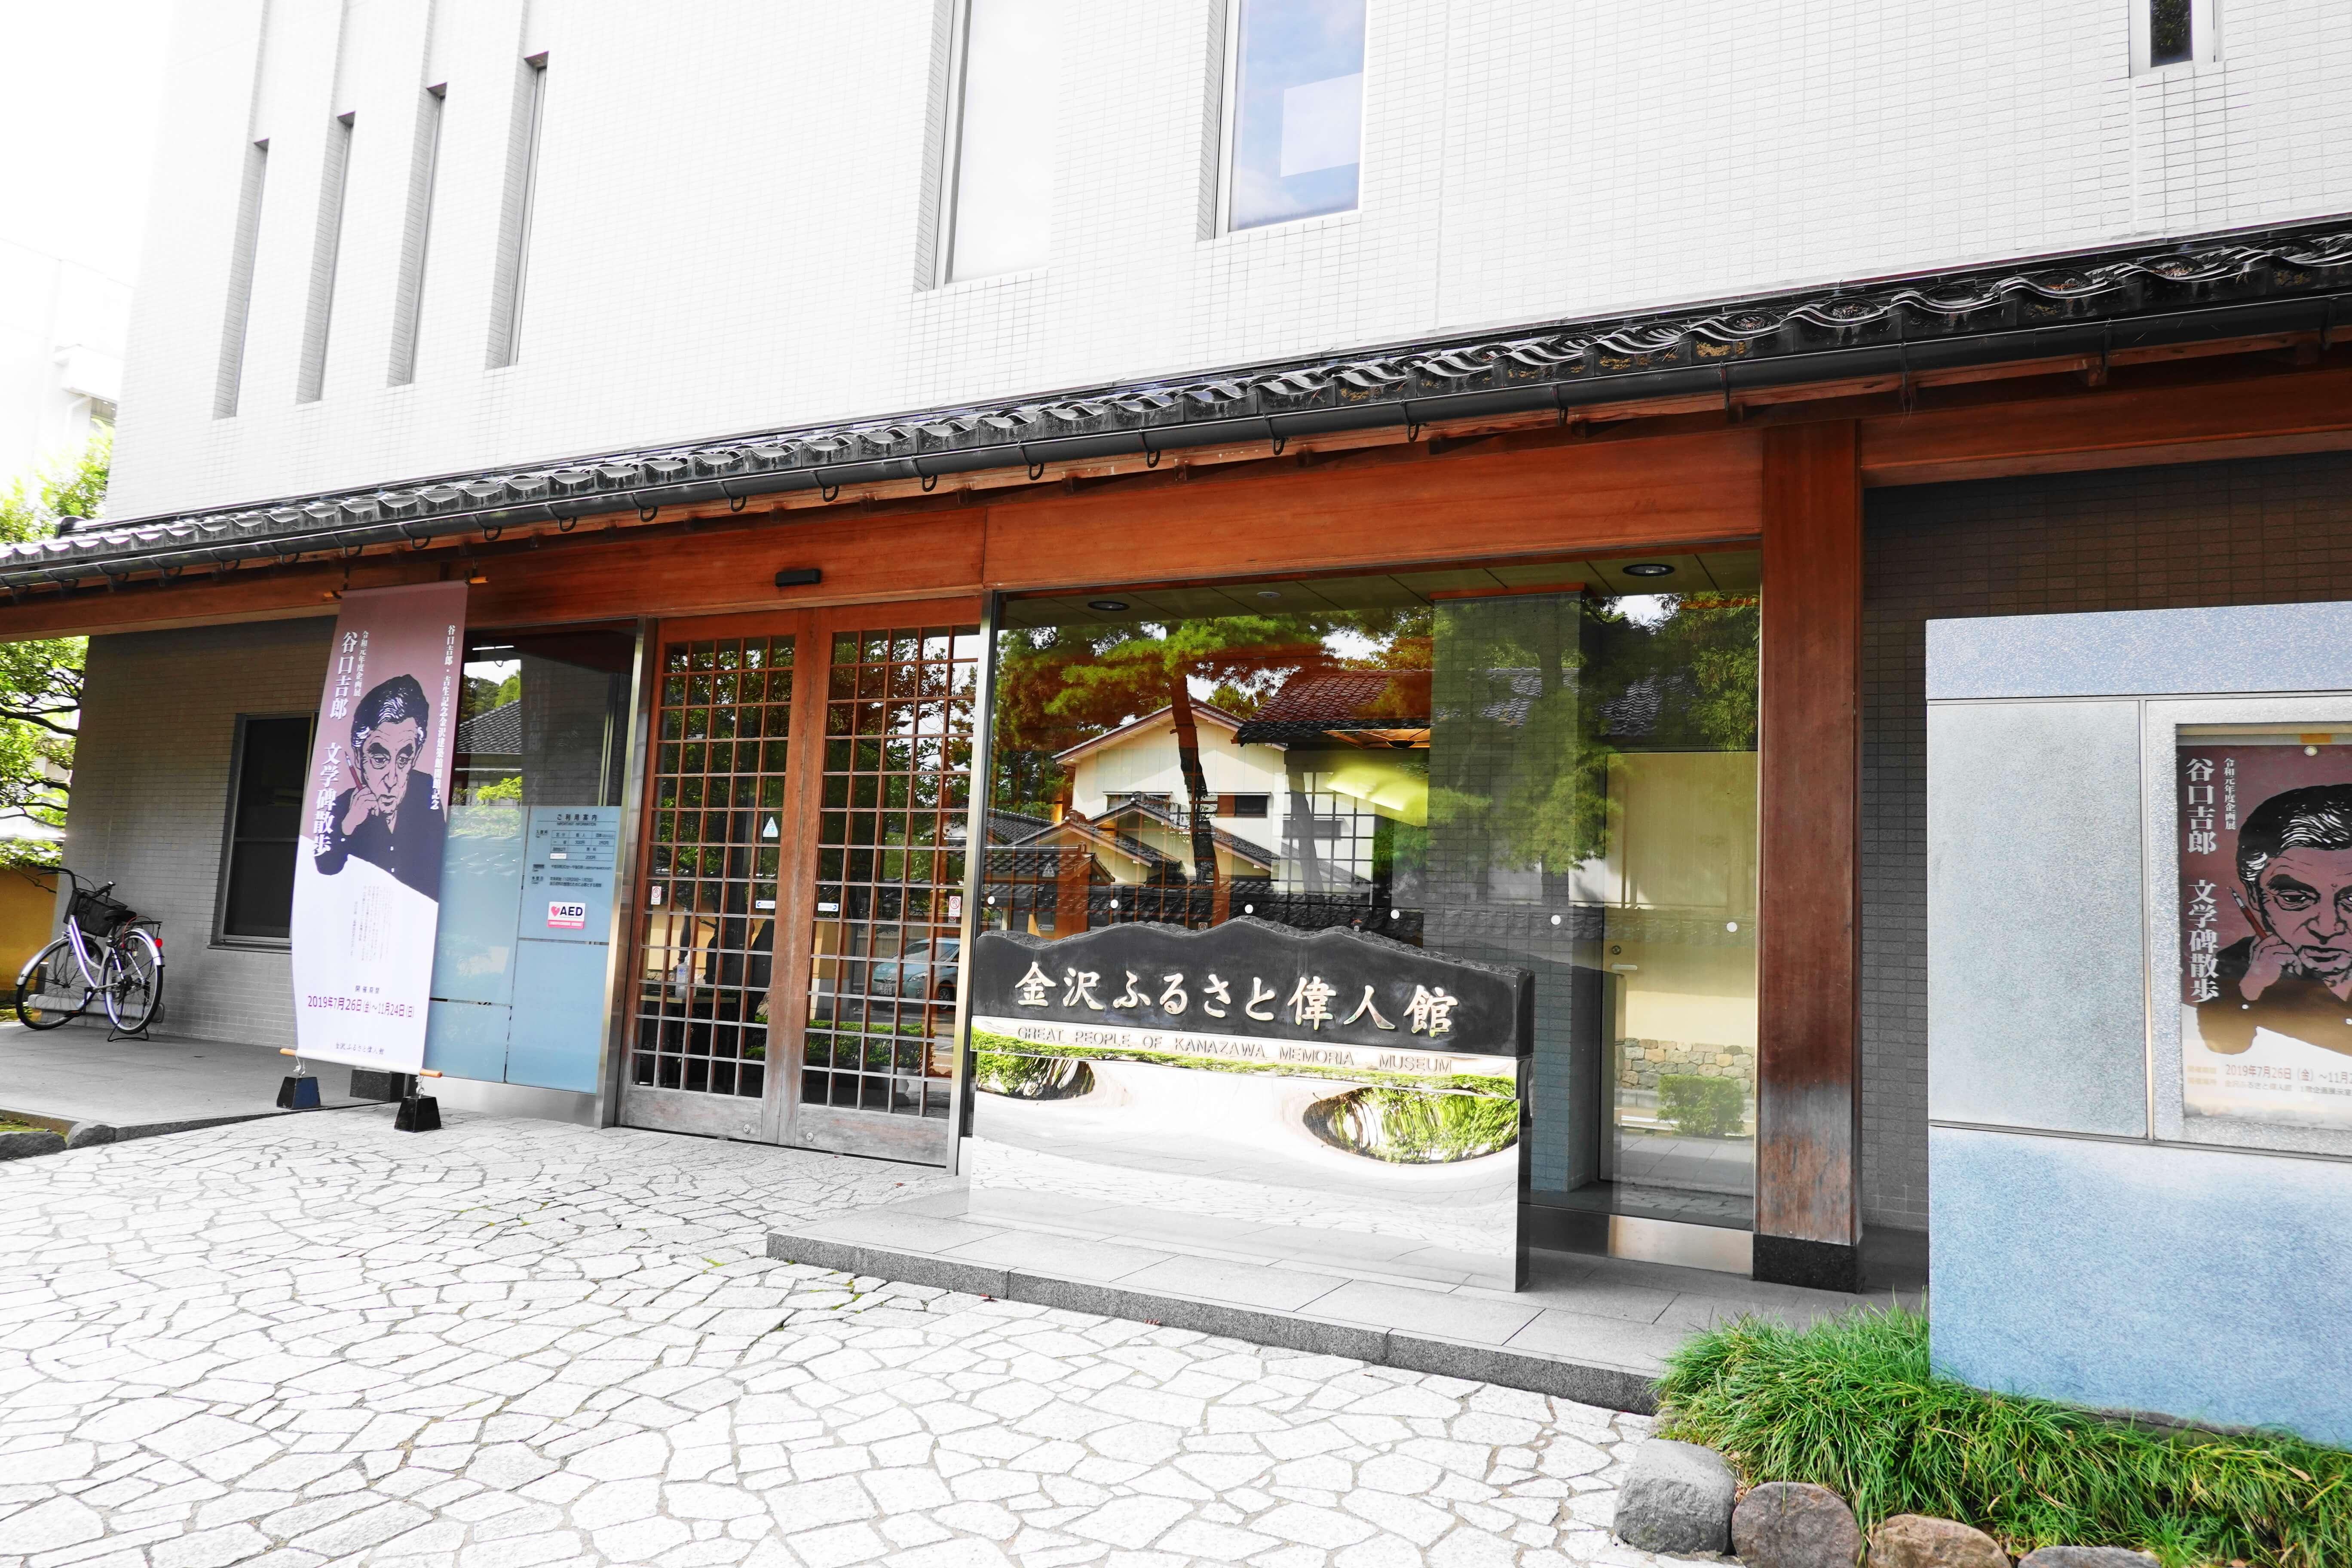 金沢ふるさと偉人館|金沢市で文化施設巡り!泉鏡花や徳田秋聲らの歴史を学ぶ